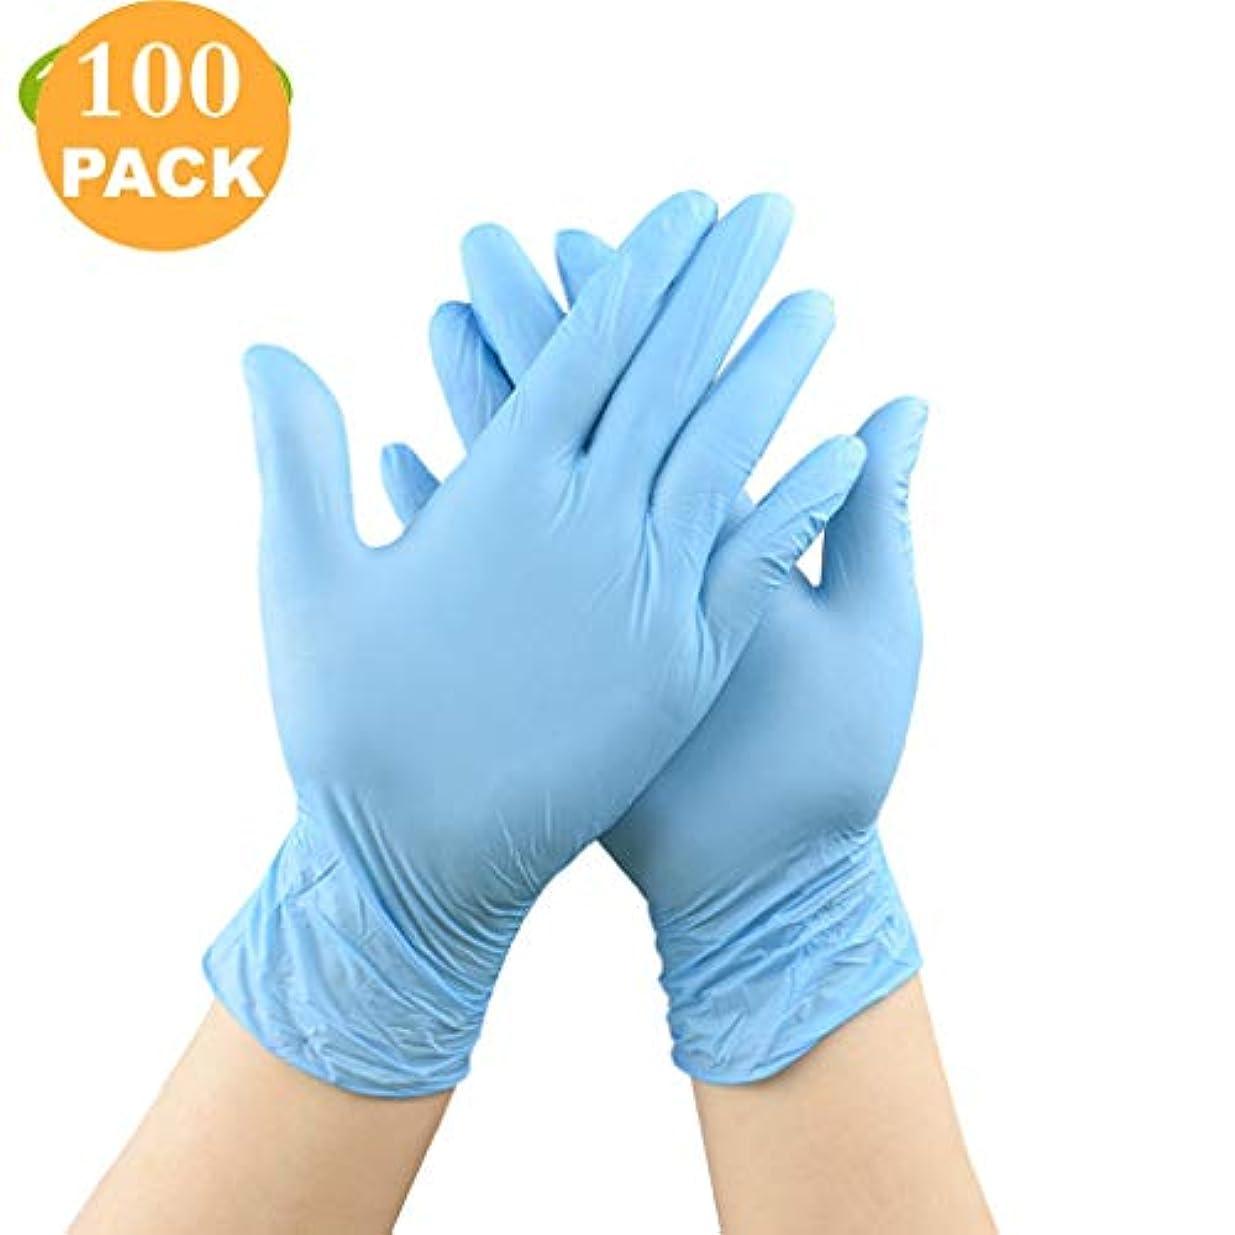 可能にする武器スクリーチニトリル使い捨てケータリングケータリング家事保護の食品用ゴム手袋ゴム手袋耐性-100パーボックス (Color : Blue, Size : L)